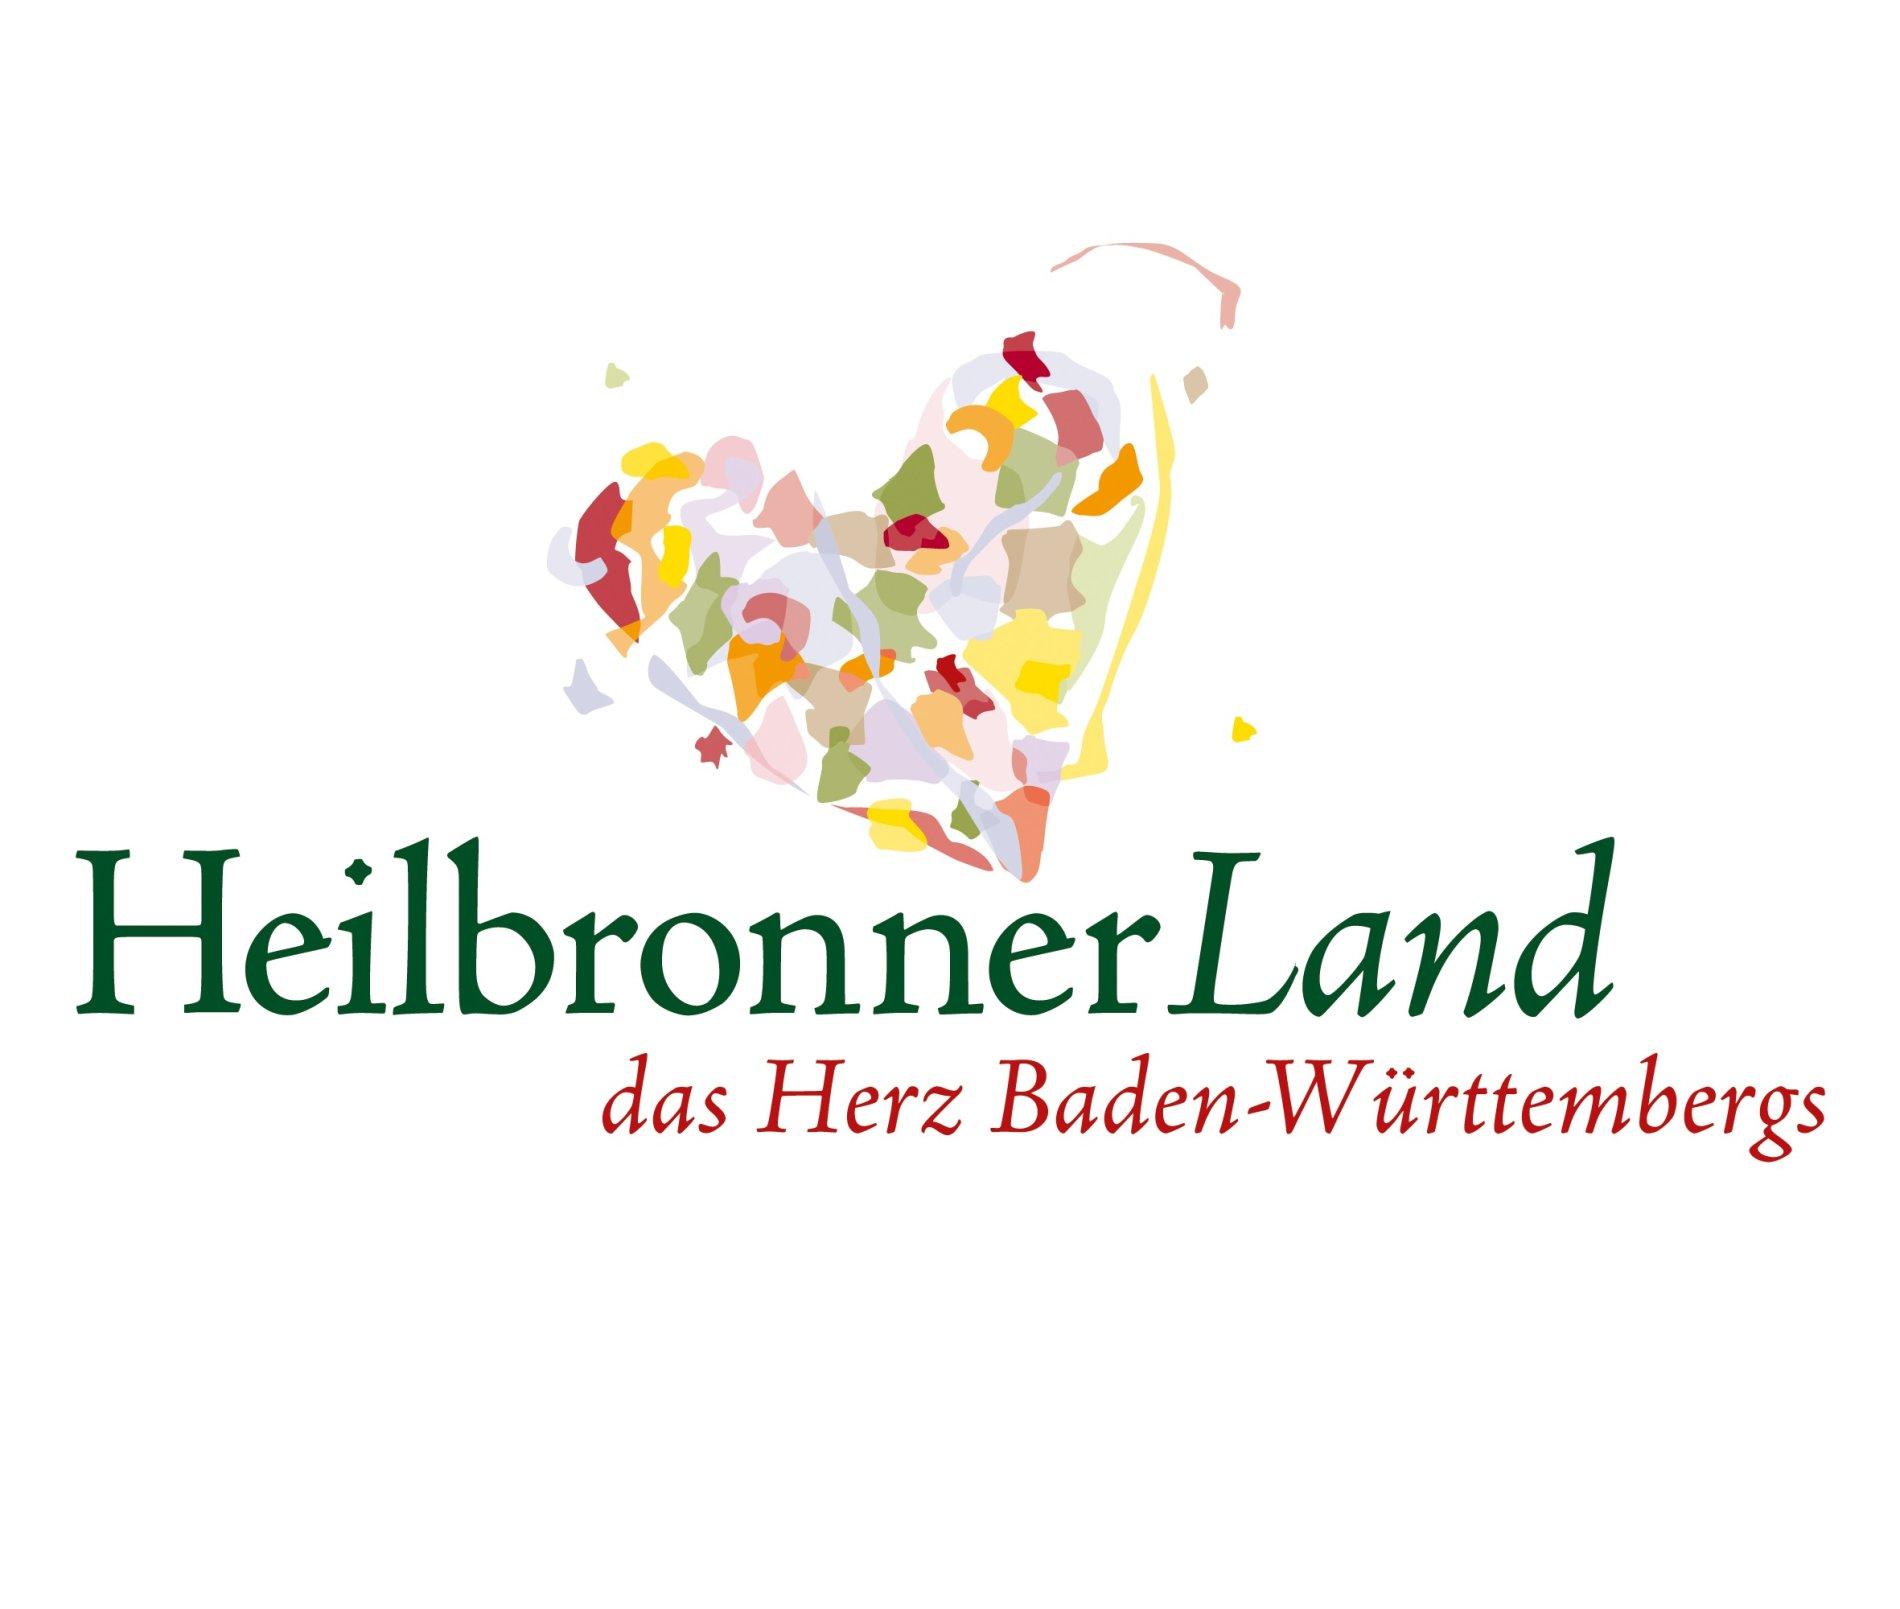 Touristikgemeinschaft HeilbronnerLand e. V.